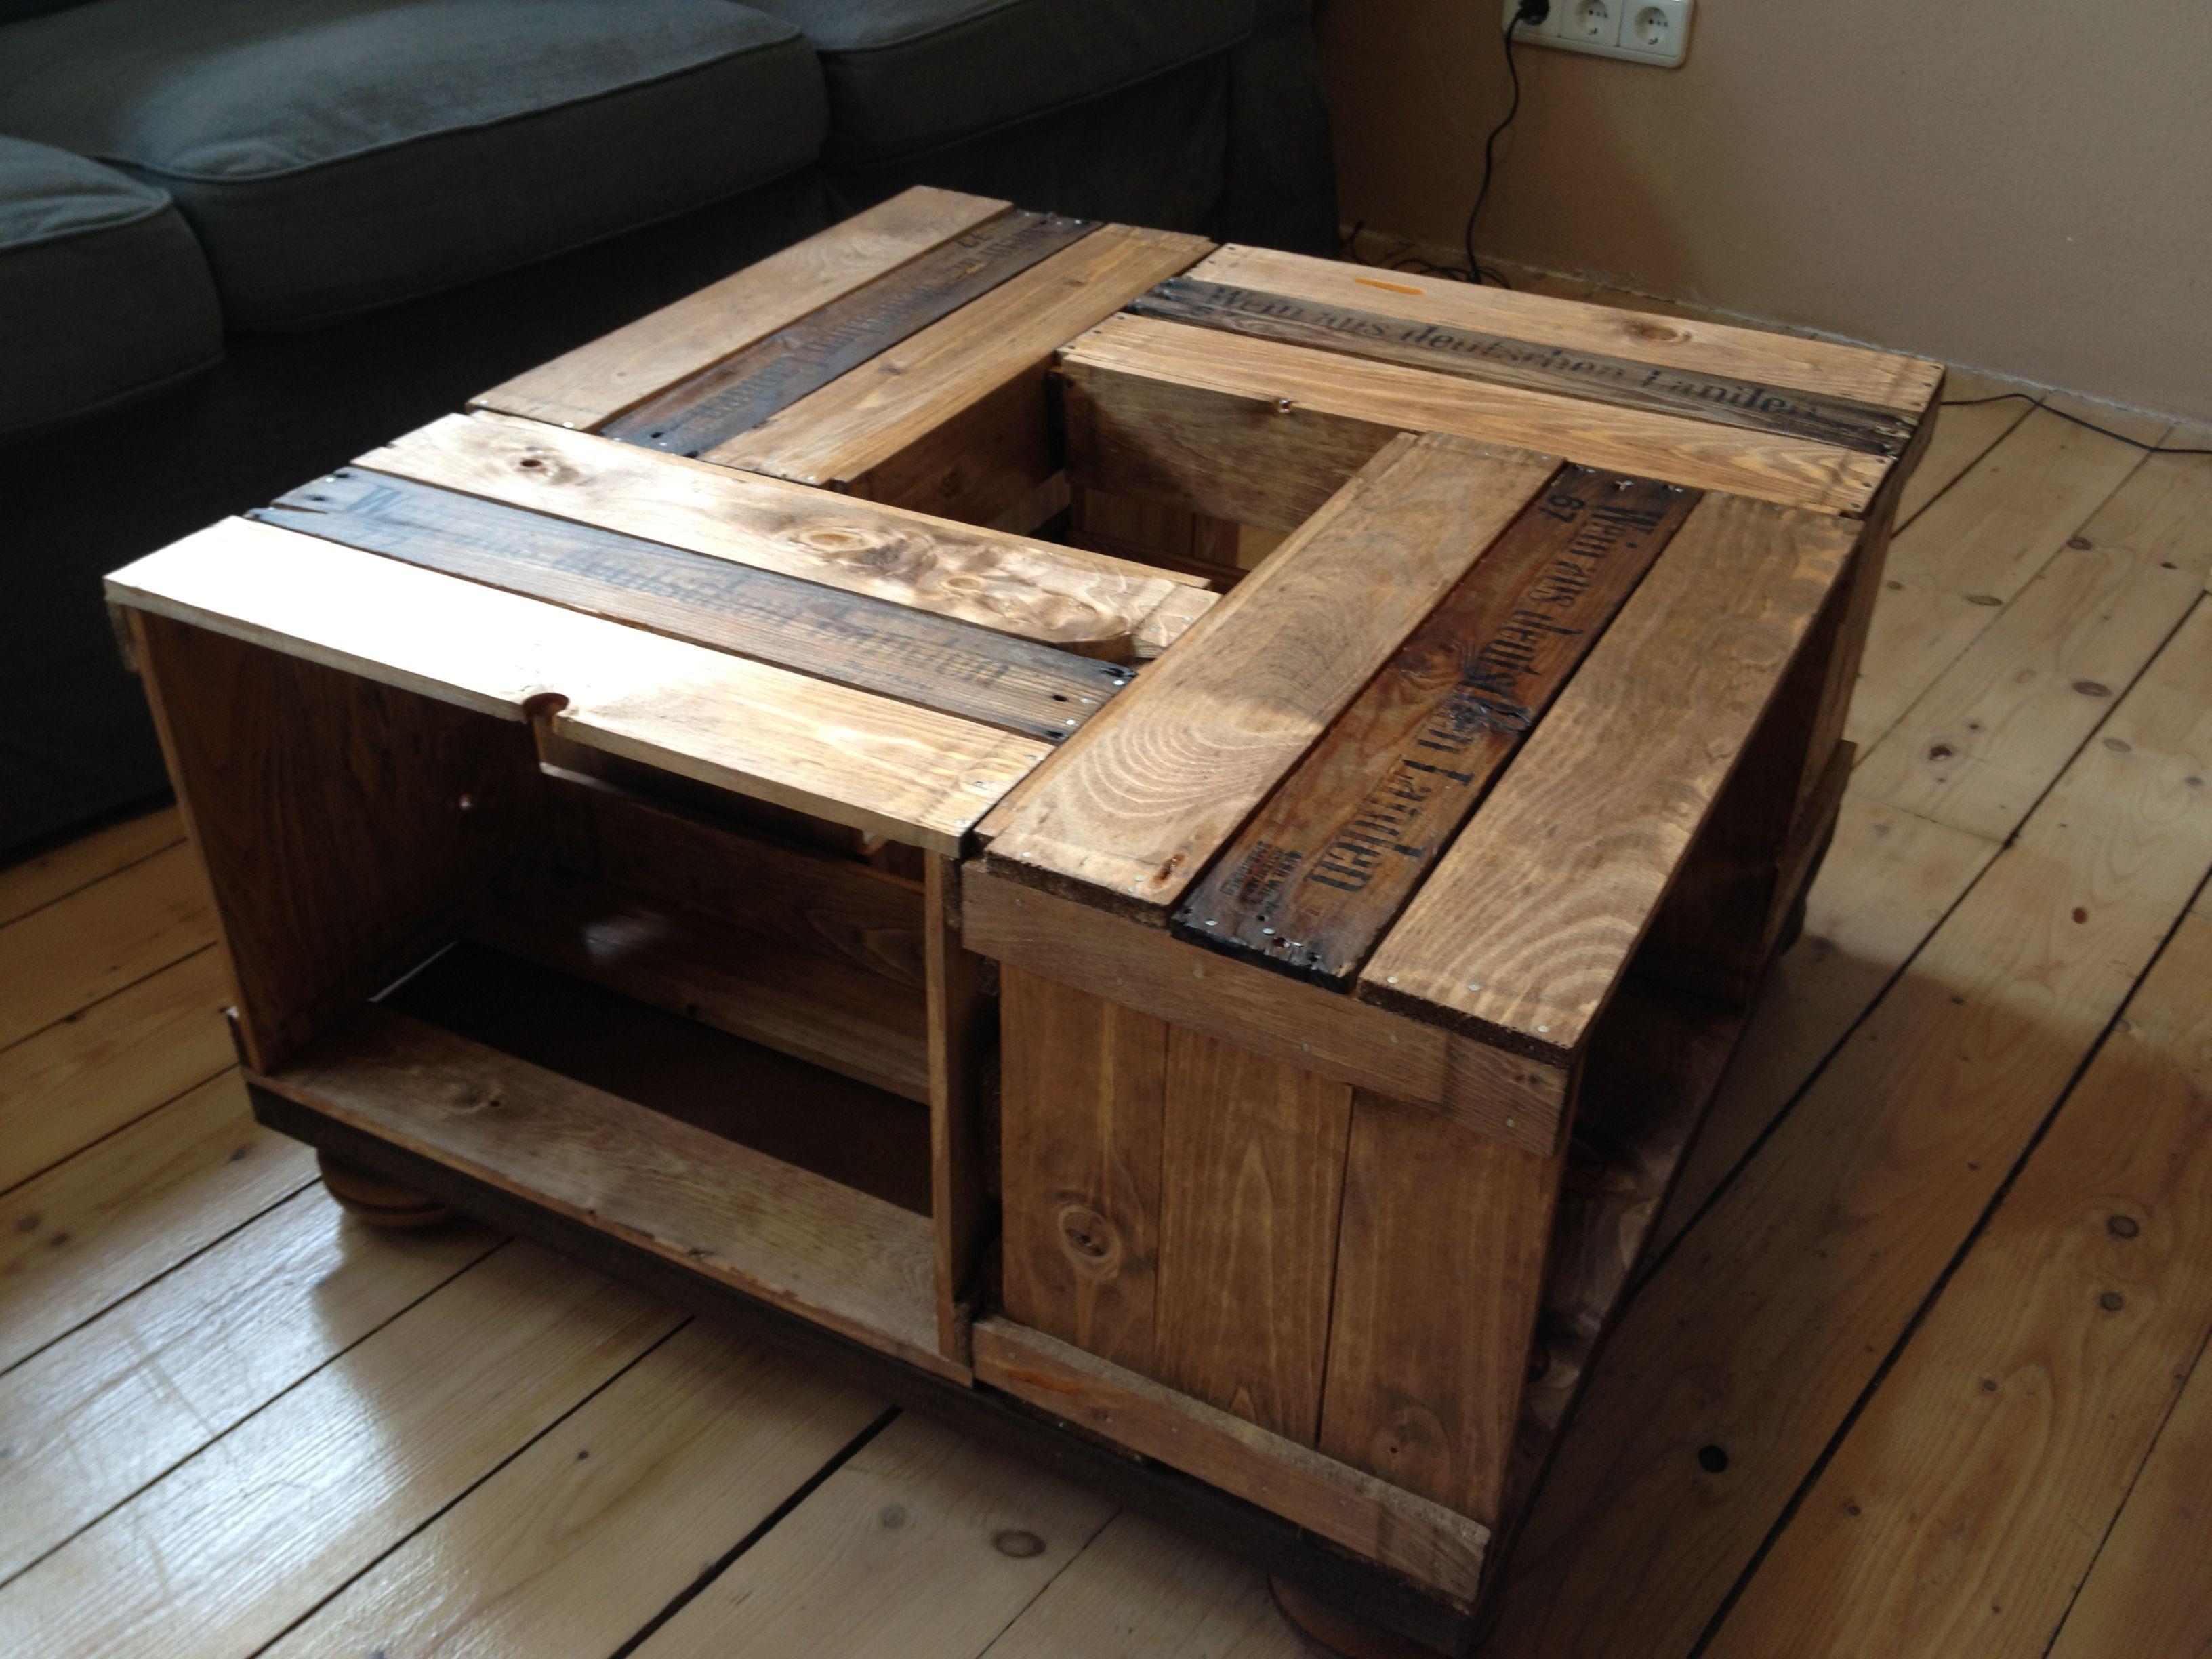 wohnzimmertisch aus alten weinkisten selbst gemacht pinterest alte weinkisten. Black Bedroom Furniture Sets. Home Design Ideas